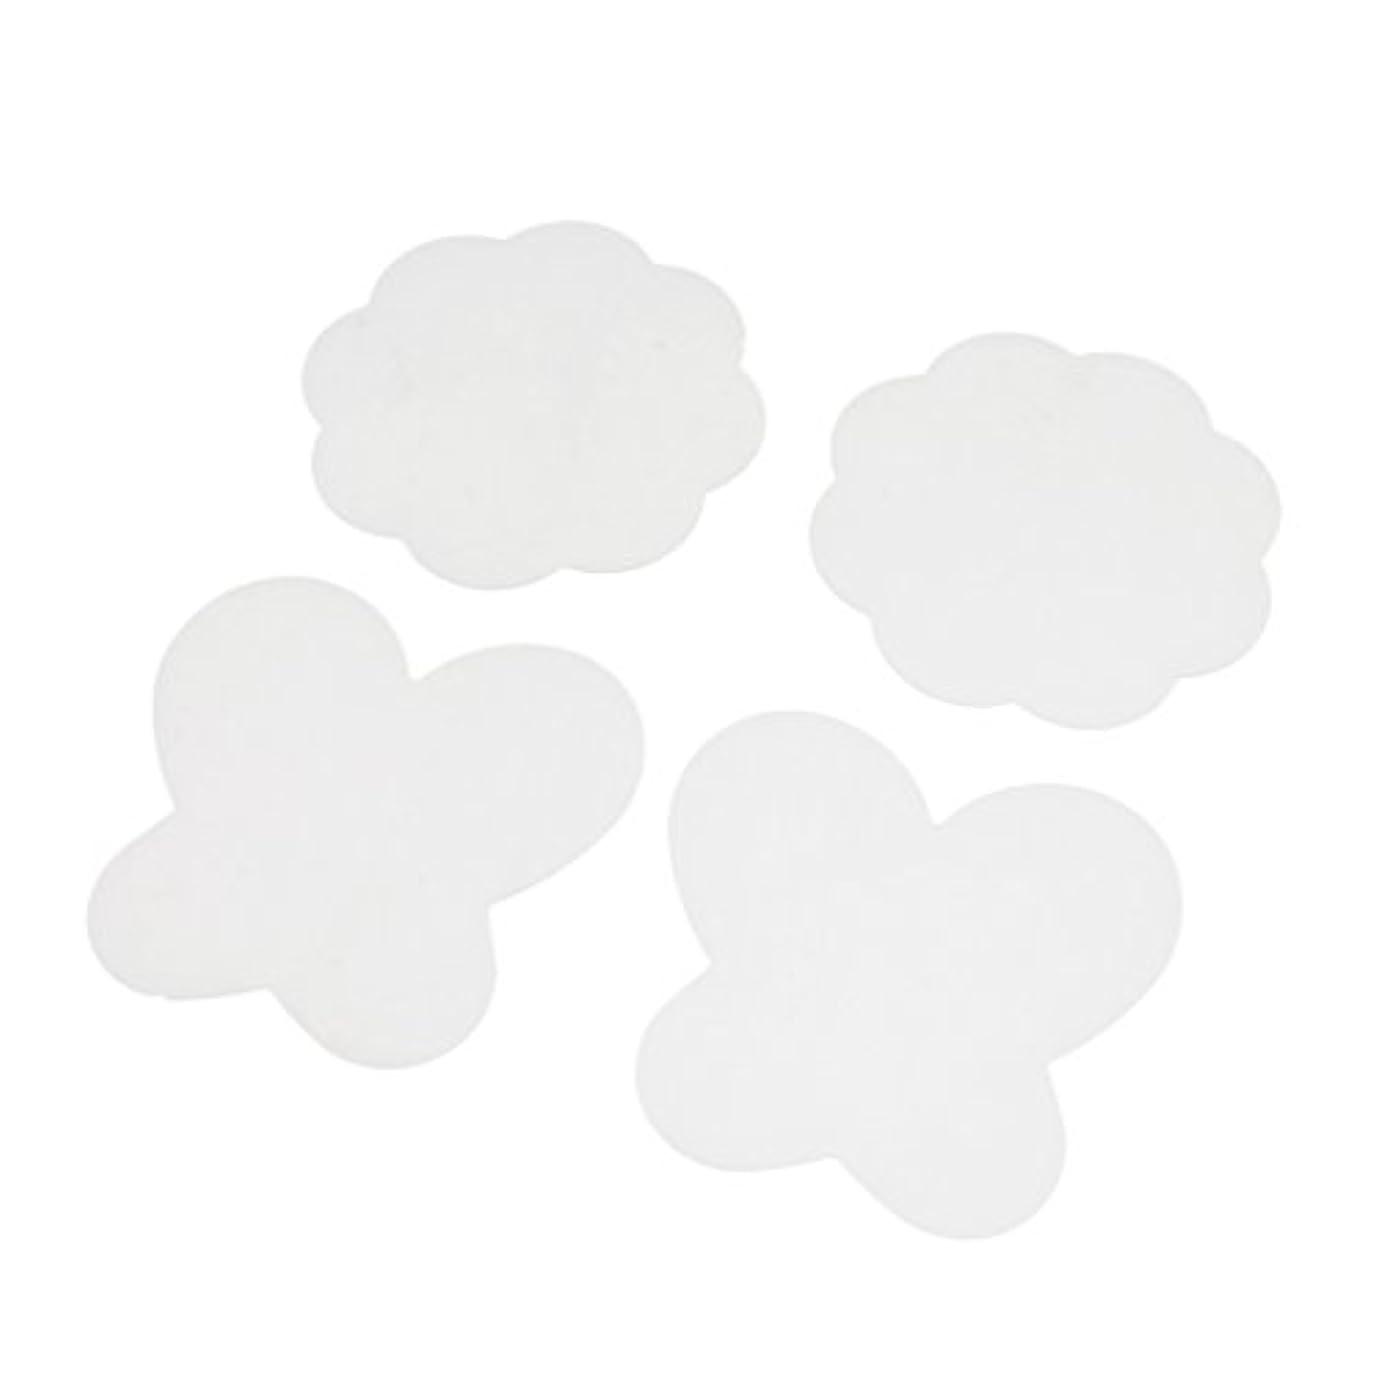 繁栄かりて日光Perfeclan 4個入 シリコン ミキシングペイント マット パレットマット 折り畳み式 洗える ネイルアートパッド 全4色 - クリア